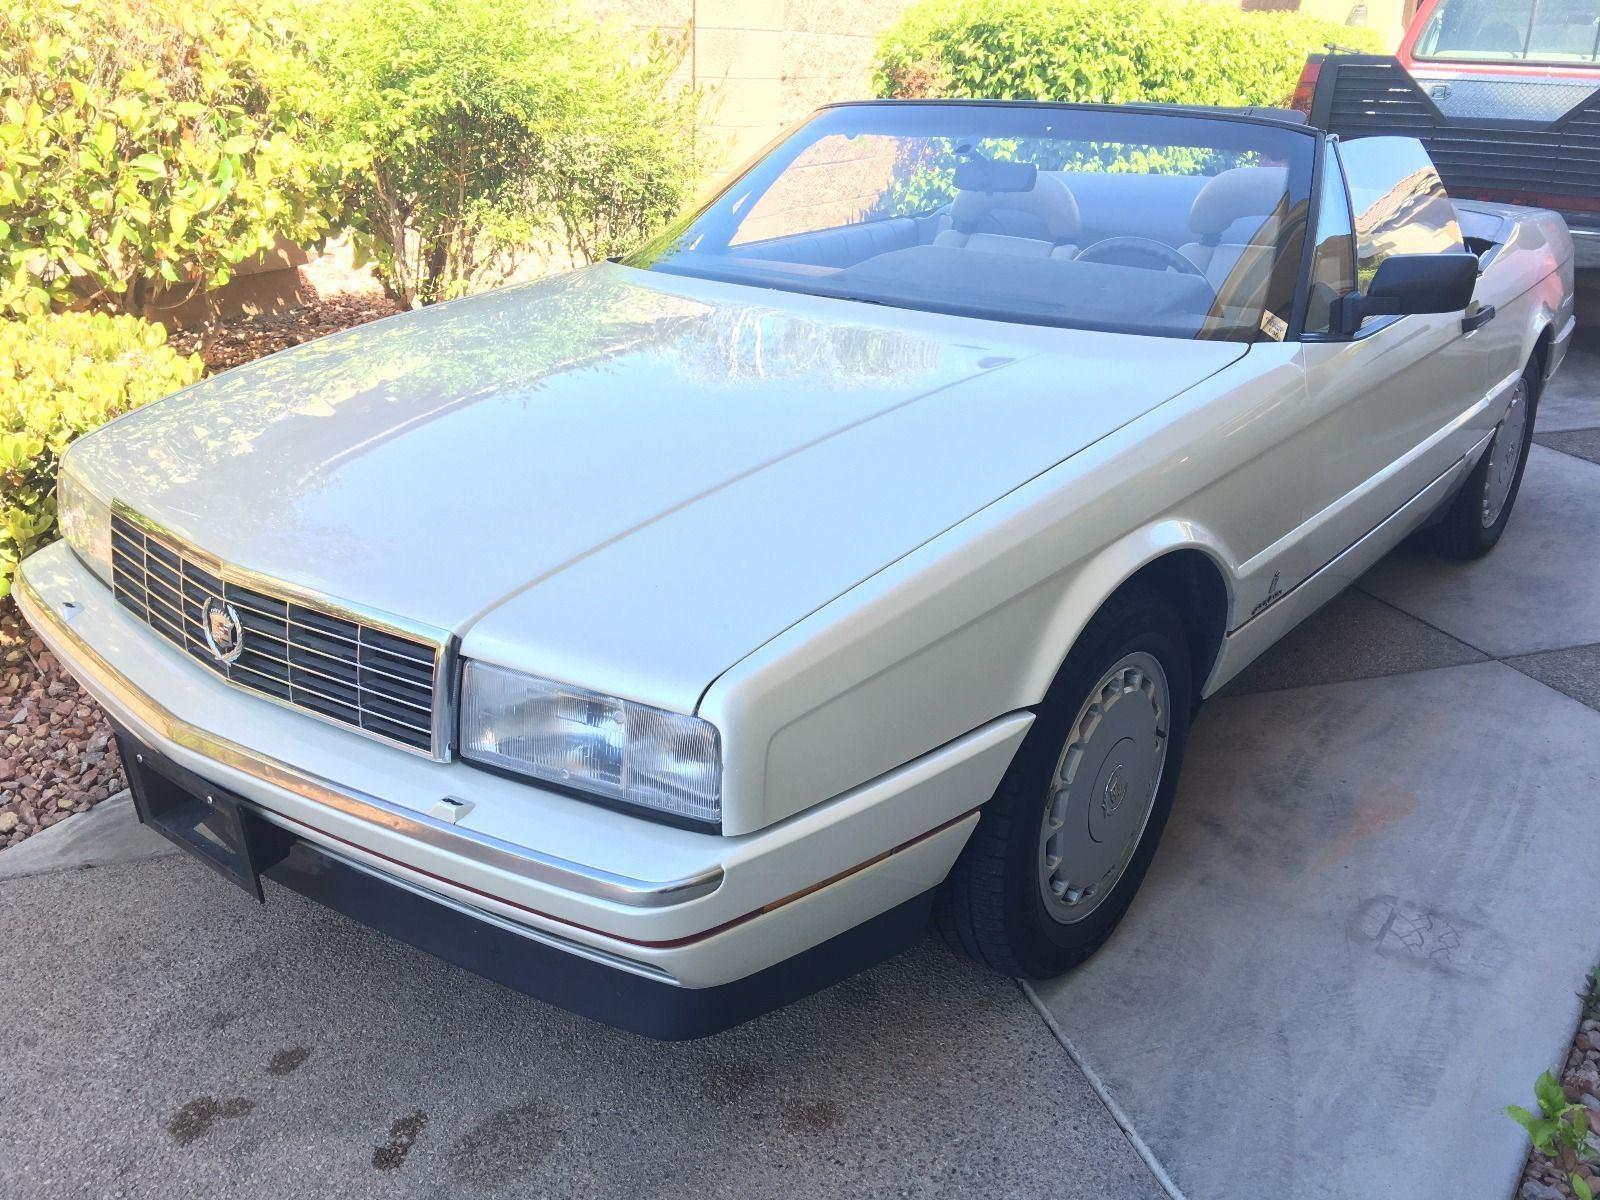 1992 Cadillac Allante Convertible for sale